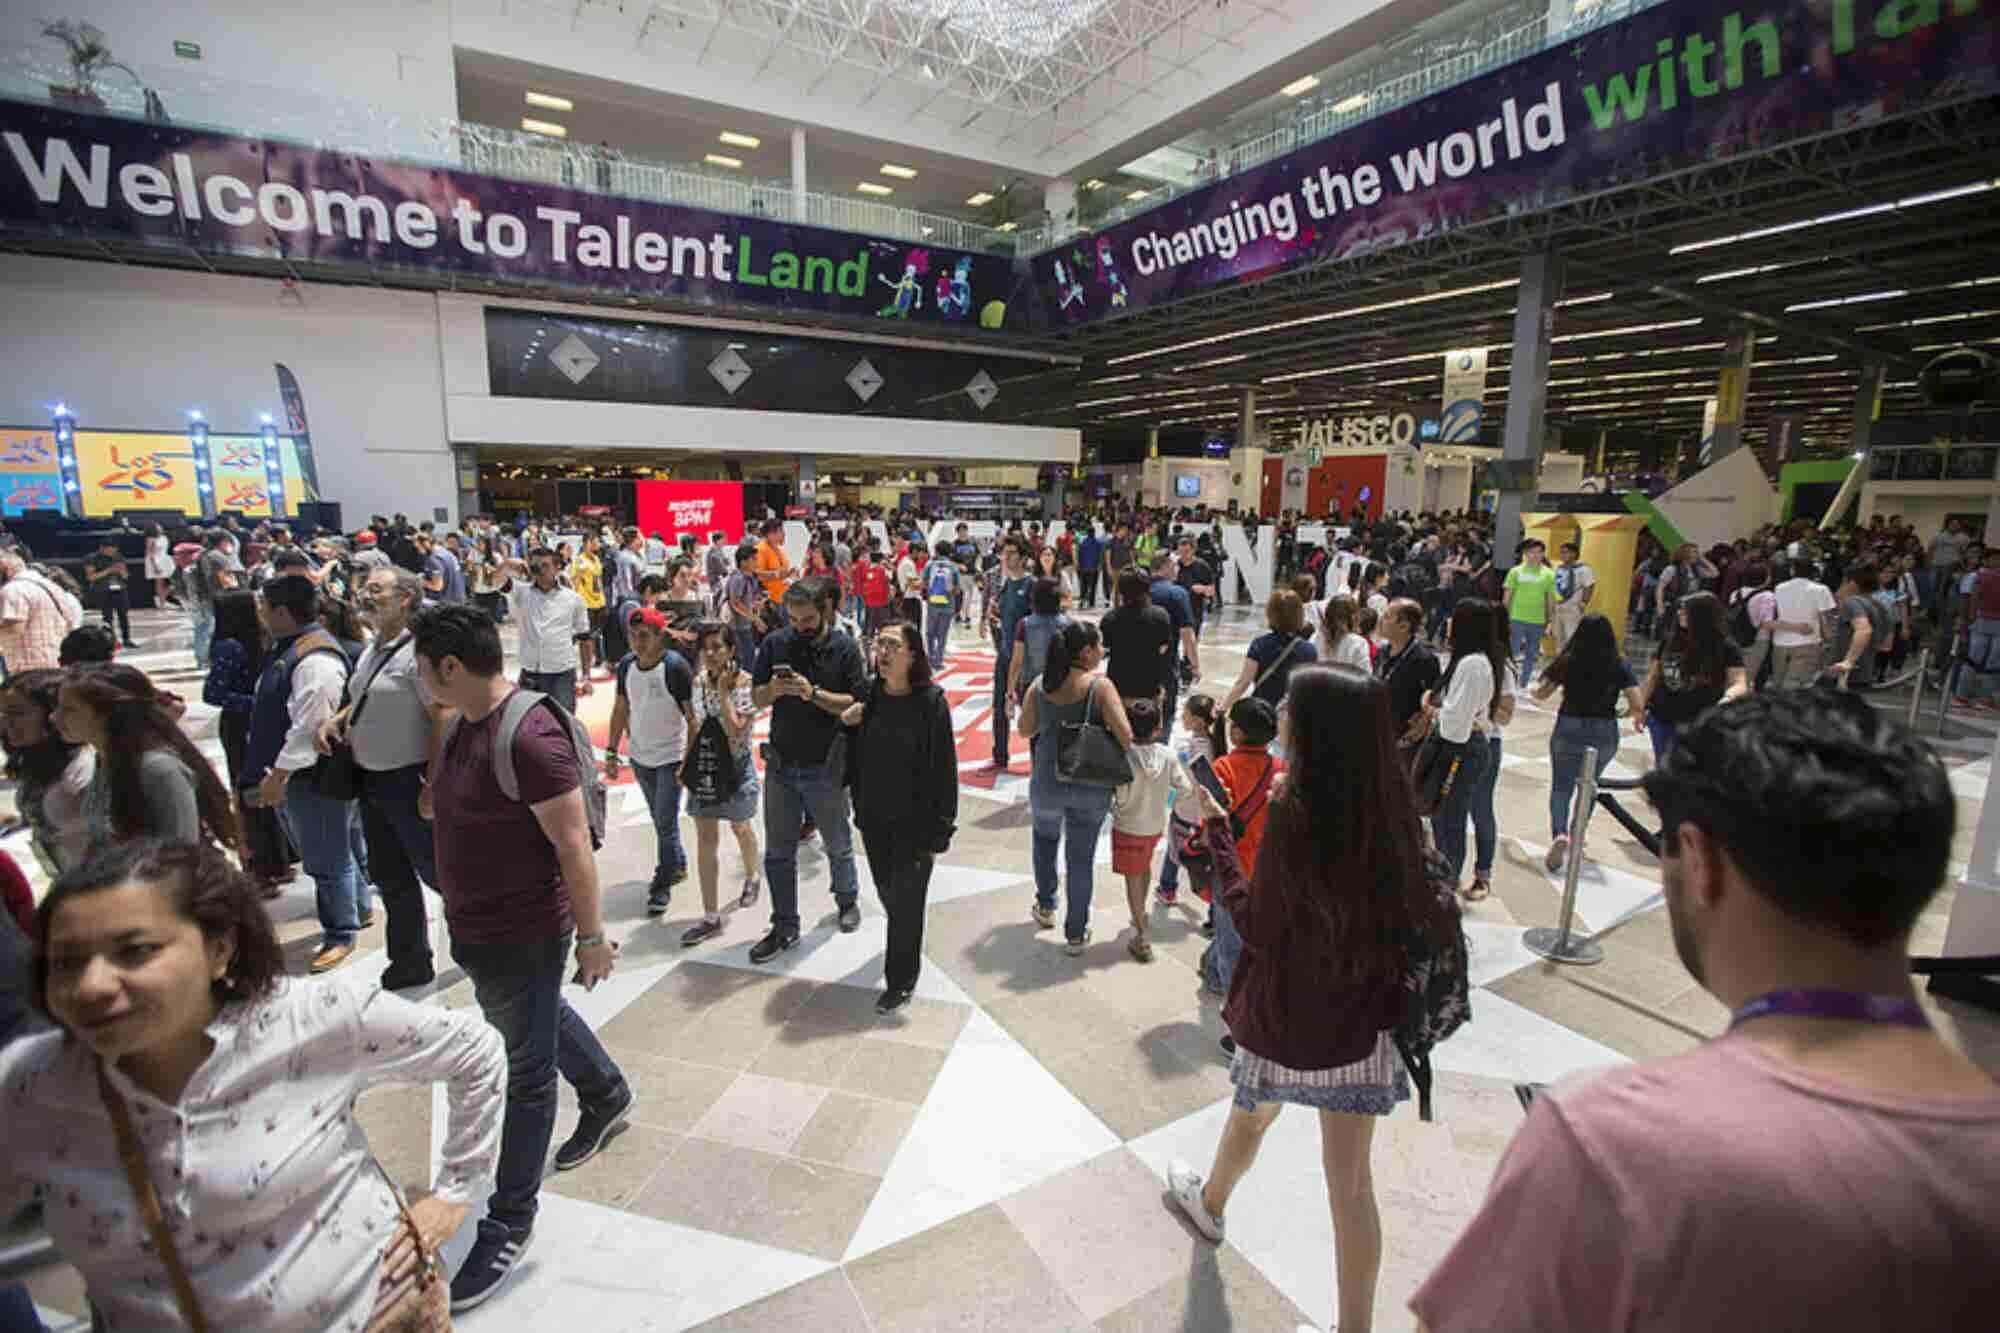 Emprendedores, Pymes y blockchain: el foco de Talent Land 2019